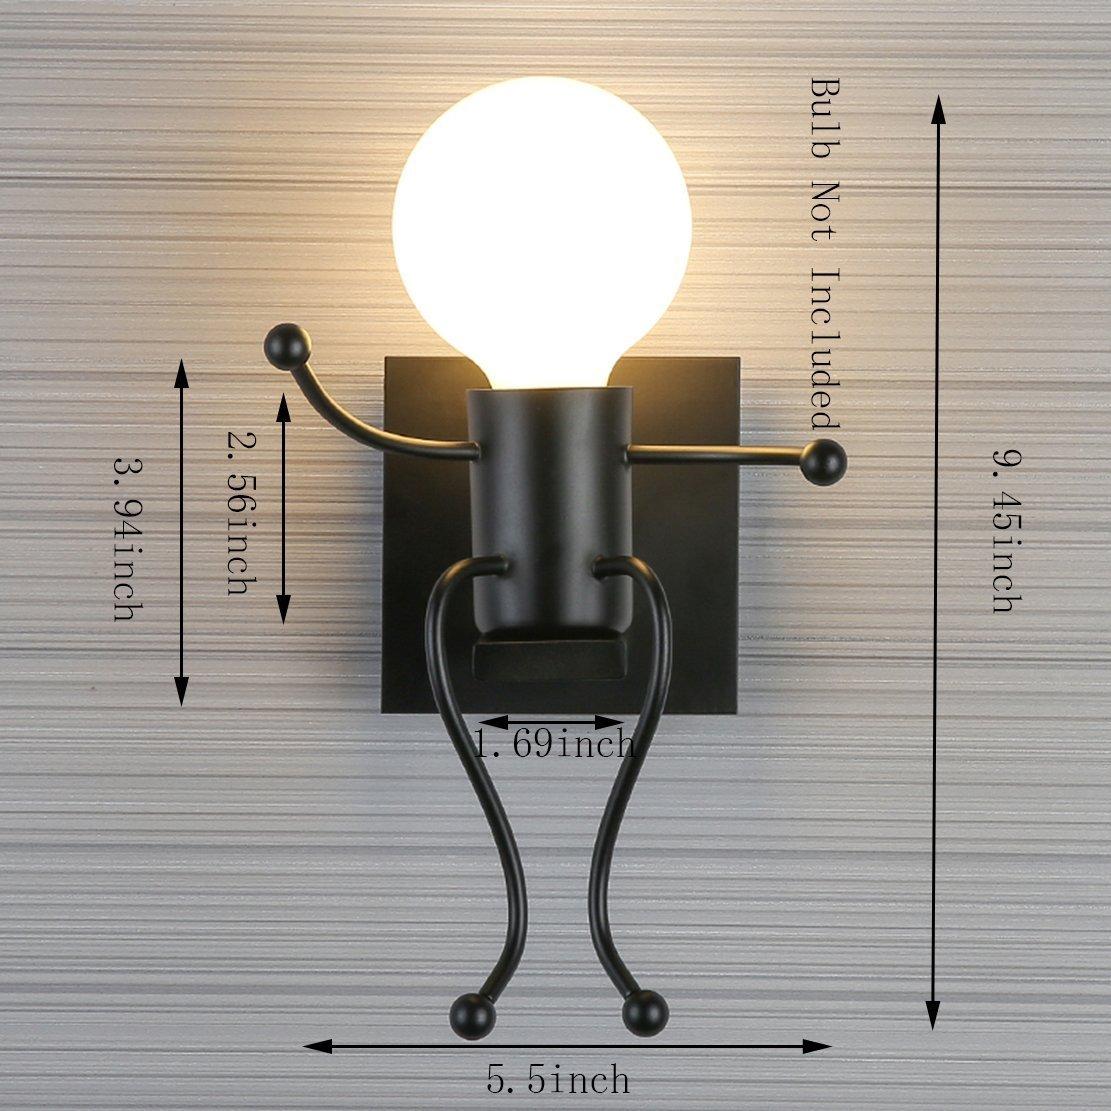 Rétro Individuels Vintage Lampe Créatifs Métal CoucherCuisine Murale Fer Pour Fsth À BarChambre Applique Moderne DI9HE2W